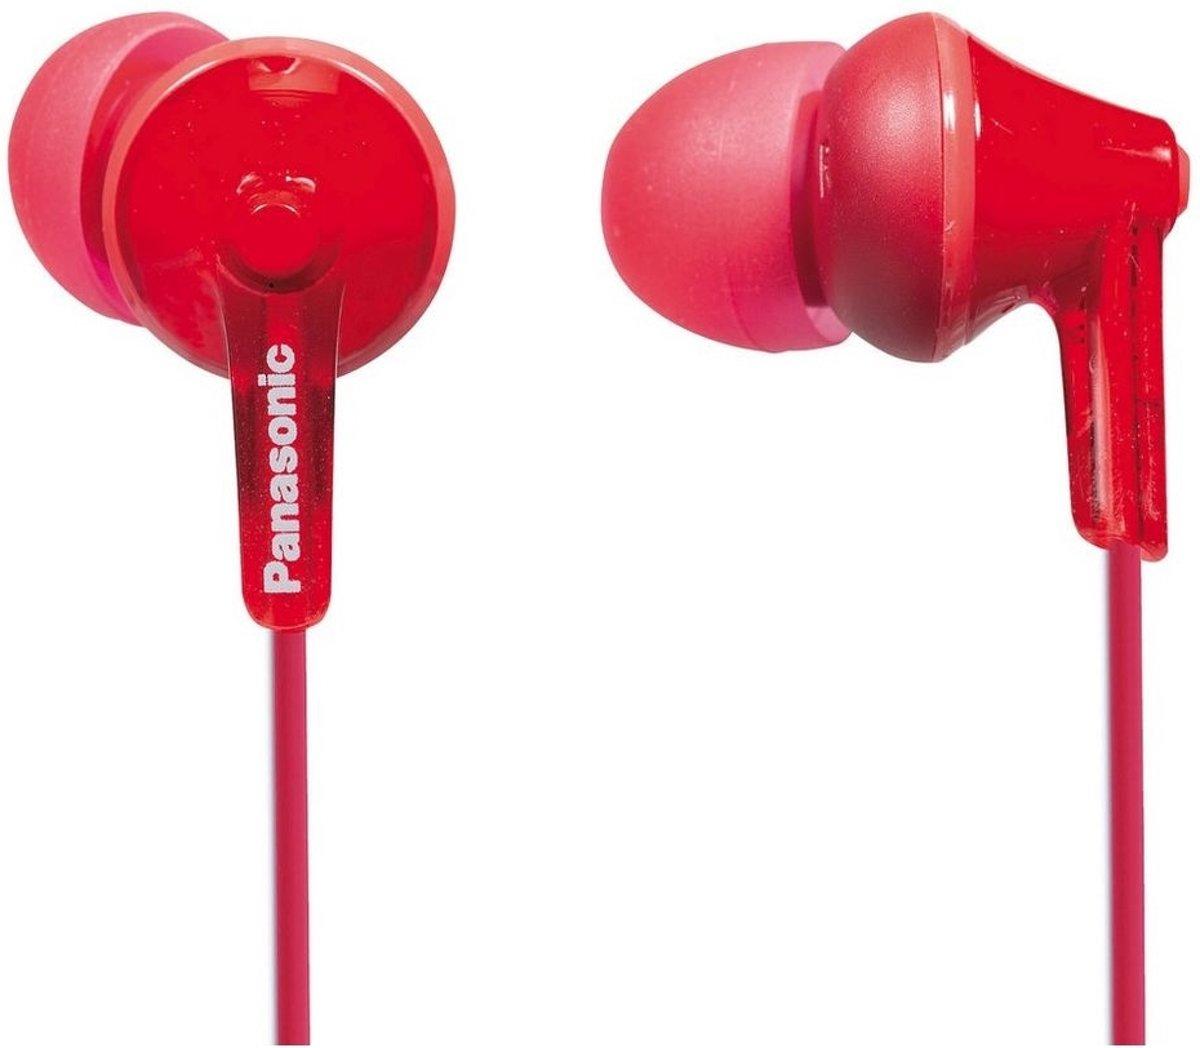 Panasonic RP-HJE125E-R Einstiegs-Ohrkanalhörer rot kopen